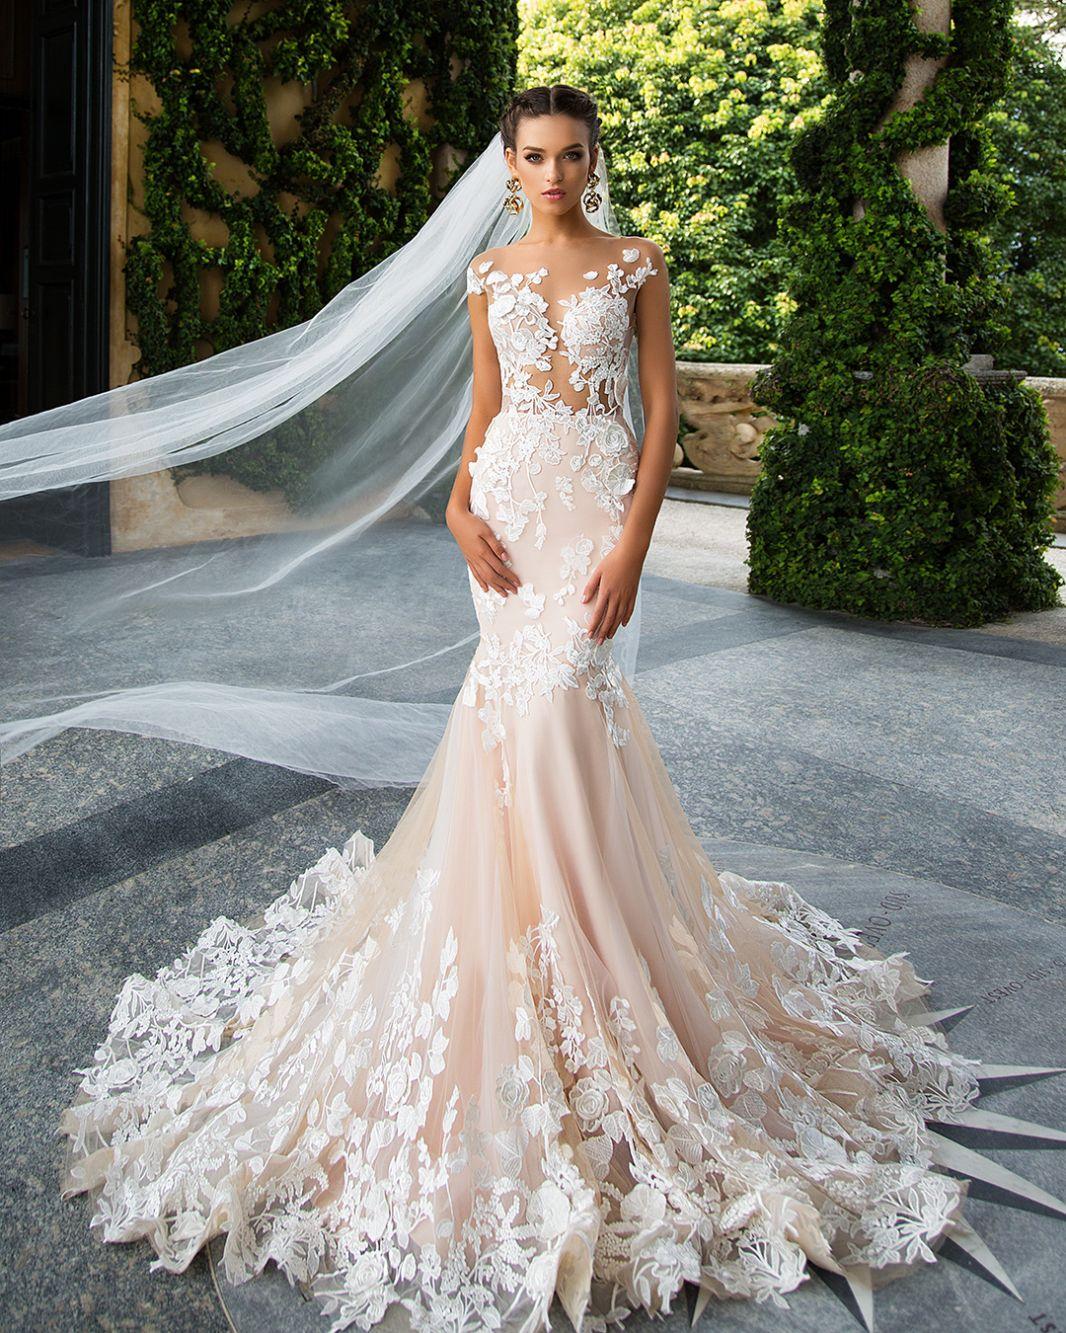 Betti - MillaNova   Weddings   Pinterest   Vestidos de novia, Novios ...